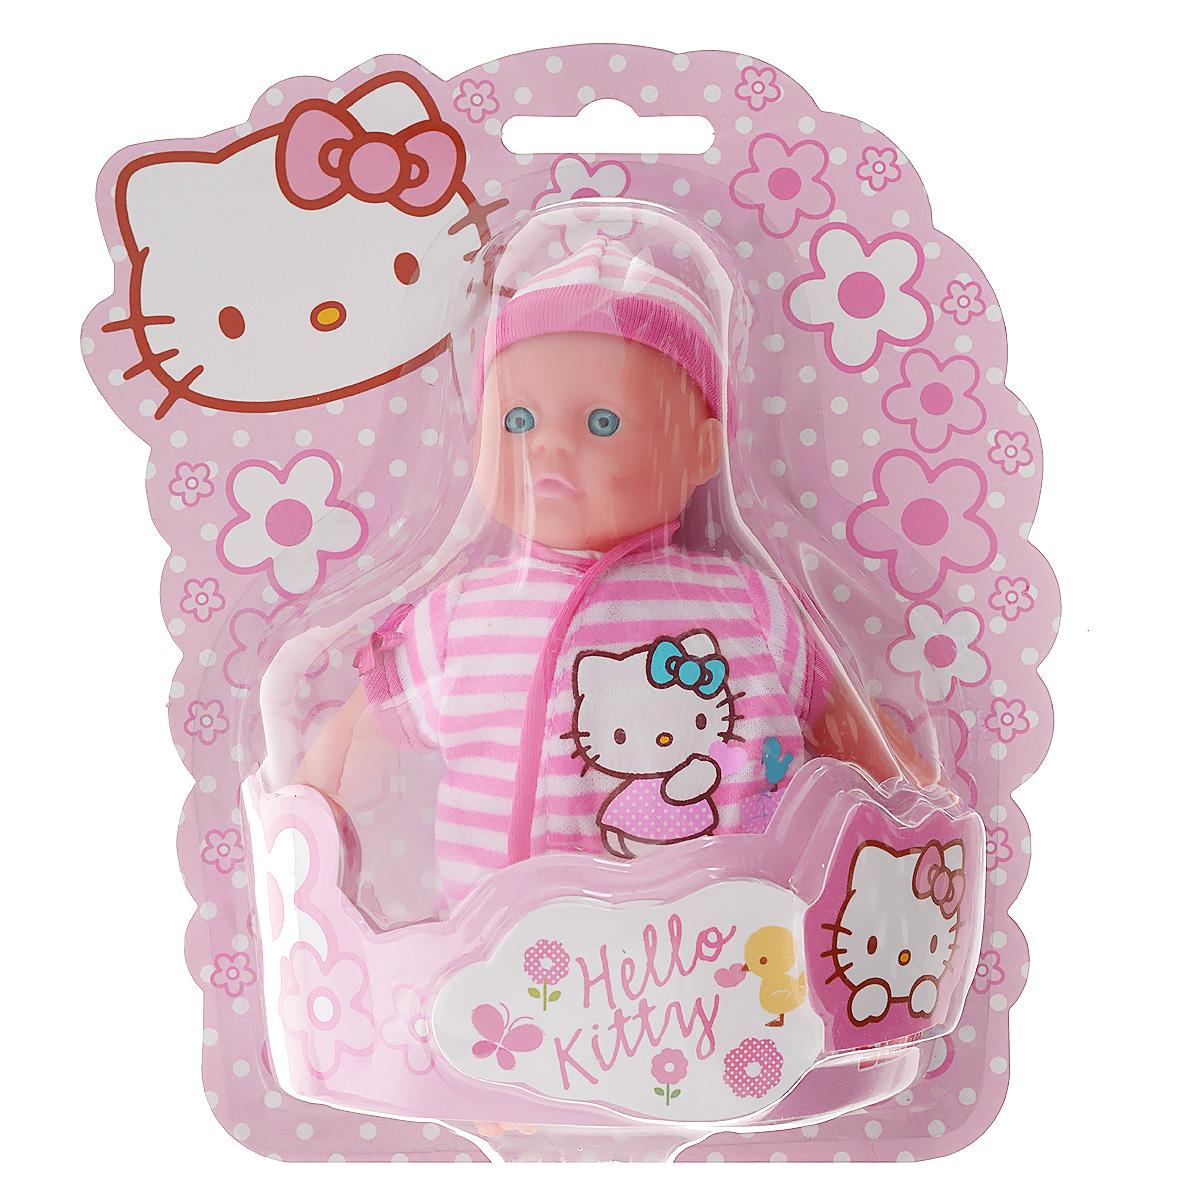 Пупс Simba Hello Kitty, цвет: розовый, 15 см5012766_розовый в полоскуОчаровательный пупс Simba Hello Kitty порадует вашу малышку и доставит ей много удовольствия от часов, посвященных игре с ним. Пупс с голубыми глазками имеет мягконабивное туловище и выглядит как настоящий ребенок. Он одет в розовый комбинезончик и розовую шапочку. Голова, ручки и ножки пупса подвижны. Игра с пупсом разовьет в вашей малышке чувство ответственности и заботы. Порадуйте свою принцессу таким великолепным подарком!